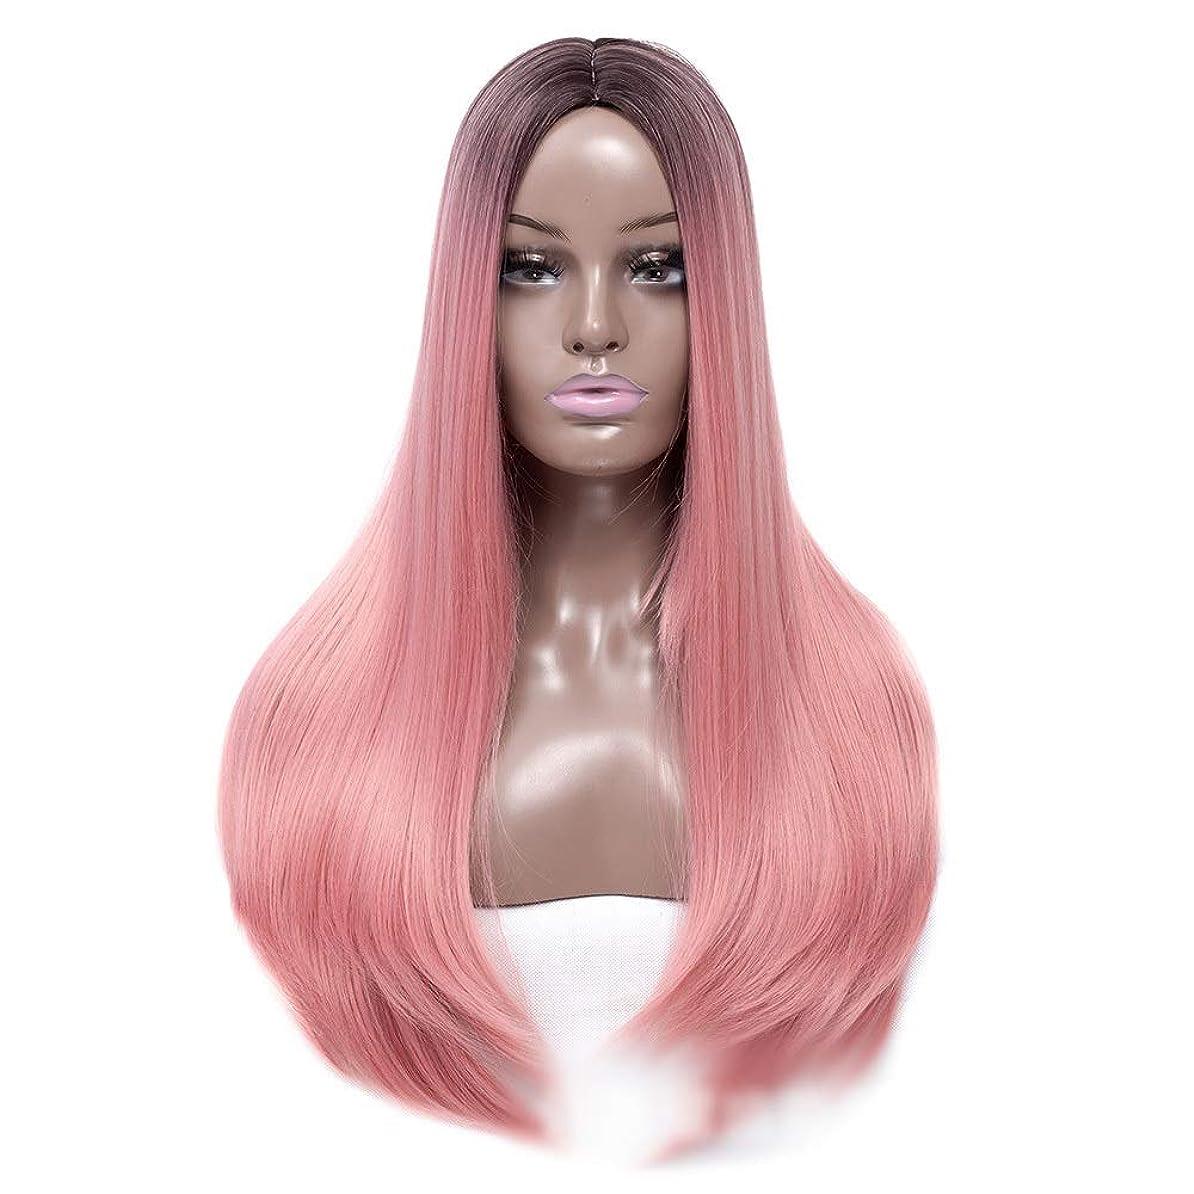 届ける頻繁に夢中BOBIDYEE 女性のピンクのかつら22インチロングストレートヘアヒートセーフ人工毛ホワイトまたは淡い頭皮のパーティーのかつら (Color : ピンク)